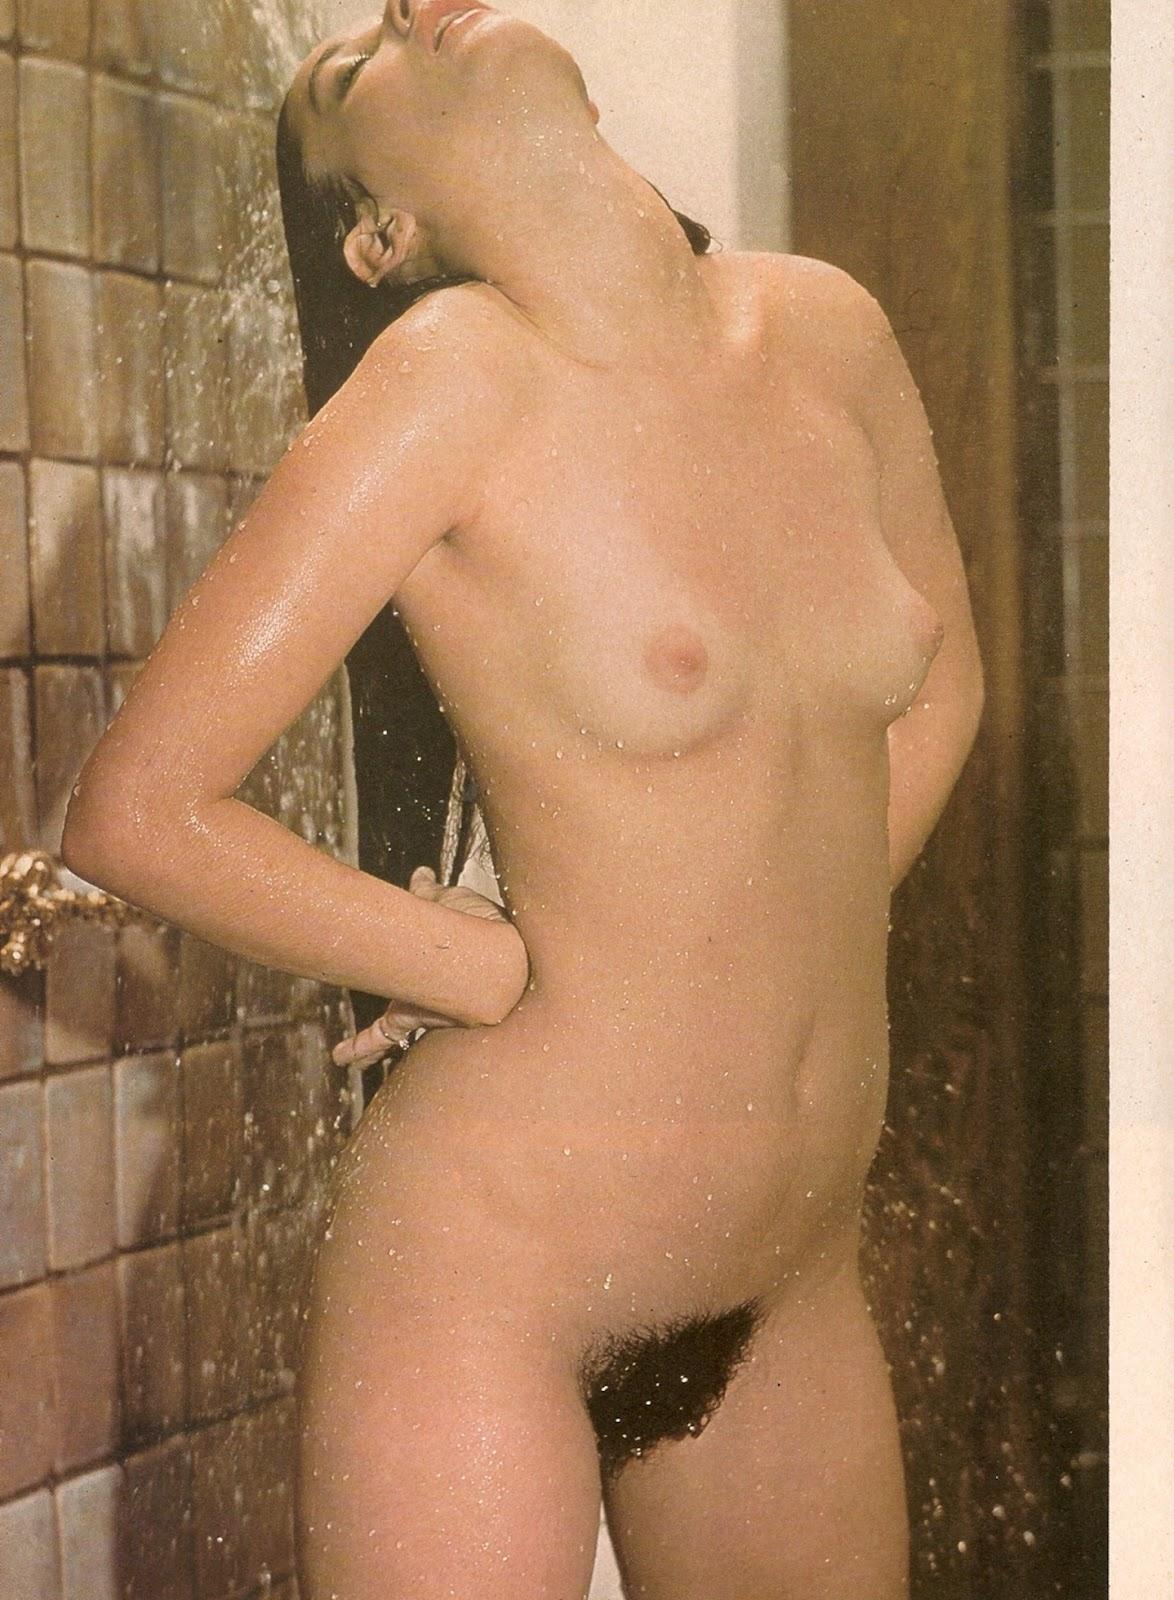 http://1.bp.blogspot.com/-3HlmgYtuS8g/UCFXZUvw9RI/AAAAAAAAVm8/gjEaW9dJISo/s1600/Demi+Moore+Nude+Penthouse+Spain,+March+1981+00.jpg